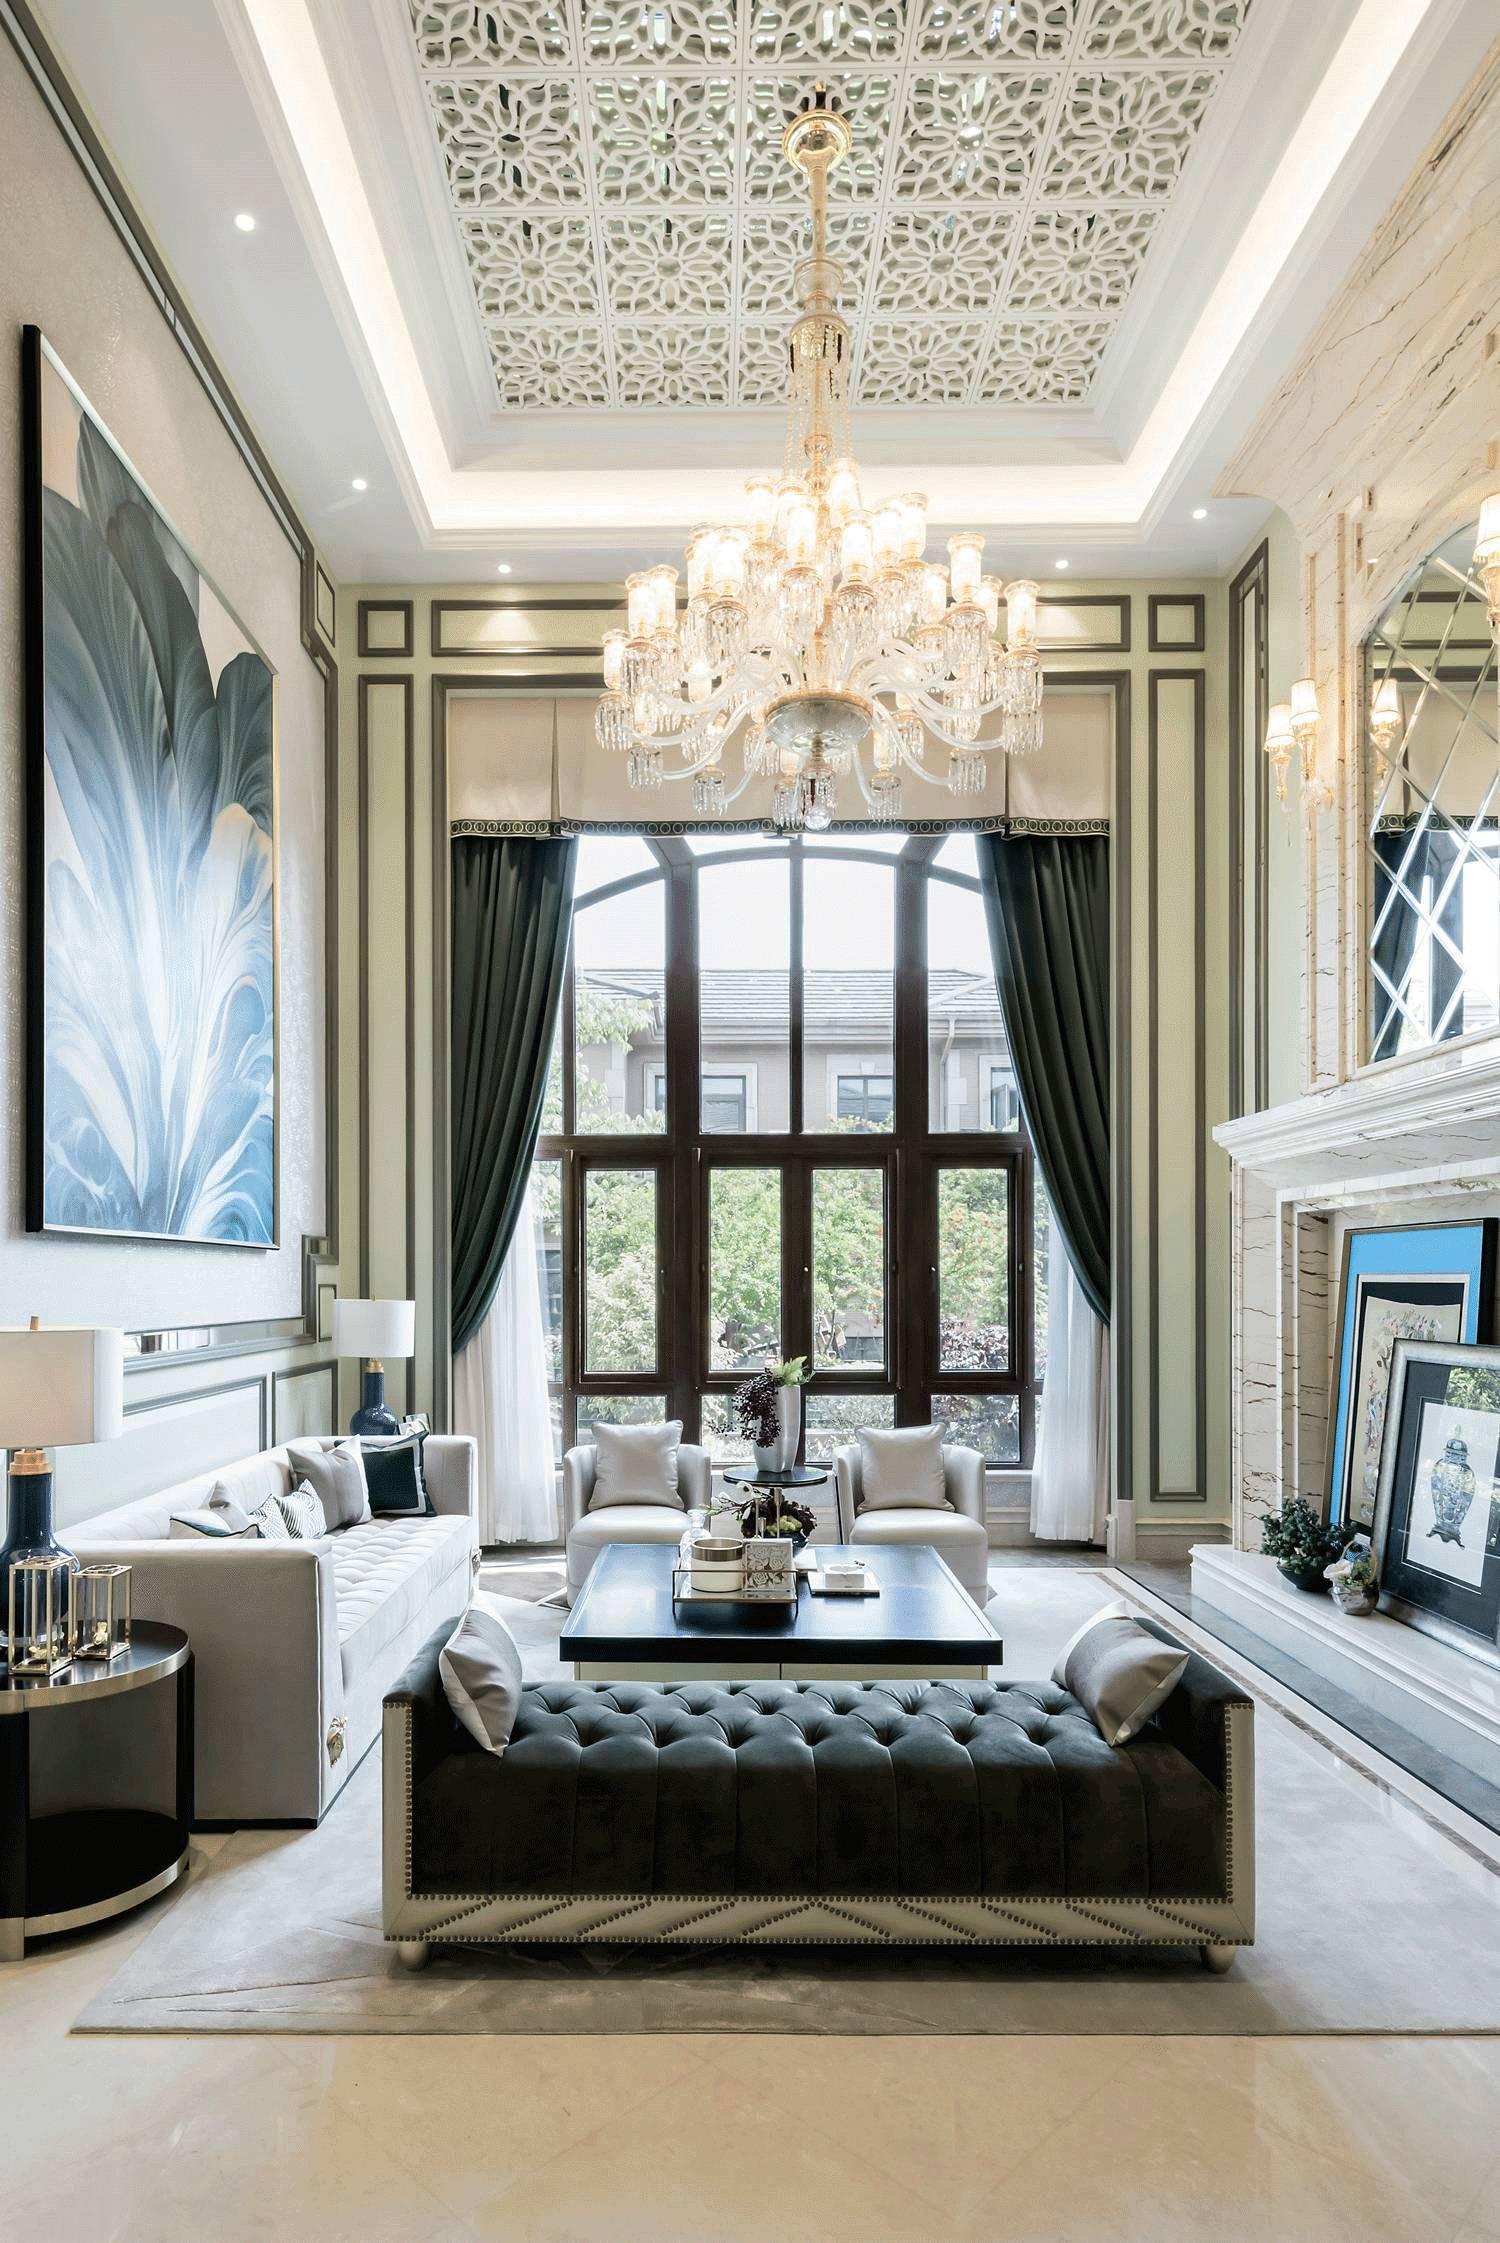 加入金属色的新中式,绝对不是你想象的普通房子!图片